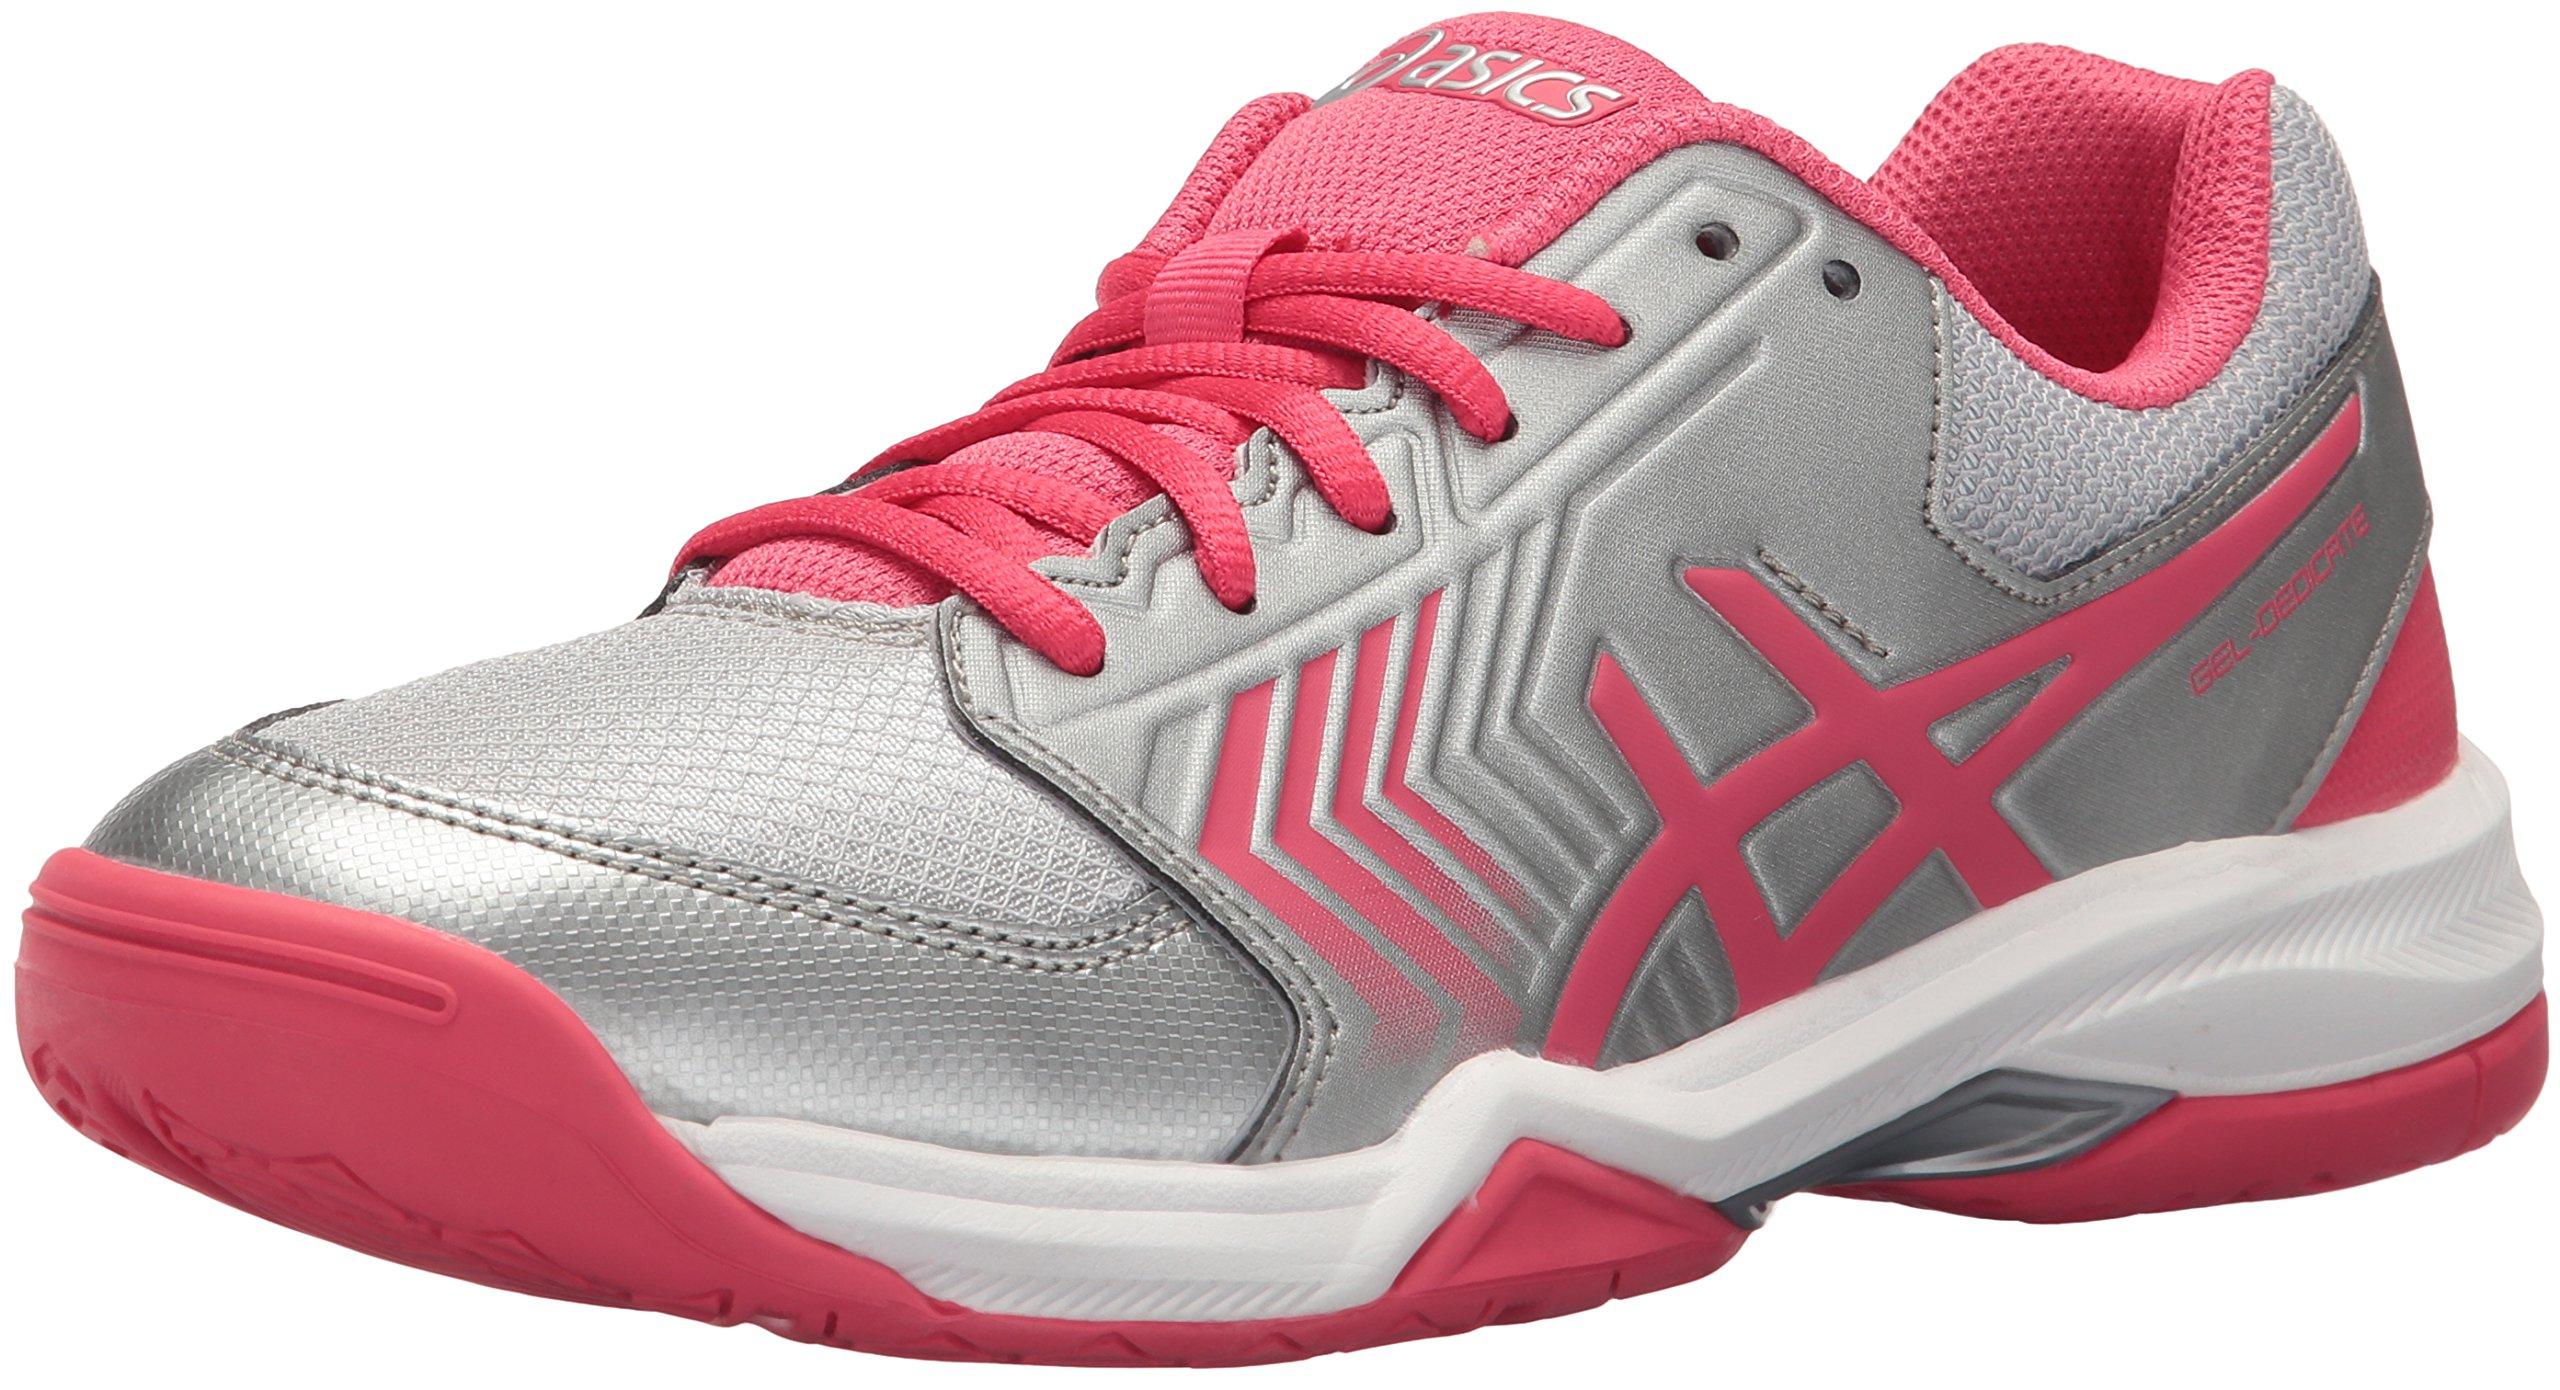 ASICS Women's Gel-Dedicate 5 Tennis Shoe, Silver/Rouge Red/White, 8 Medium US